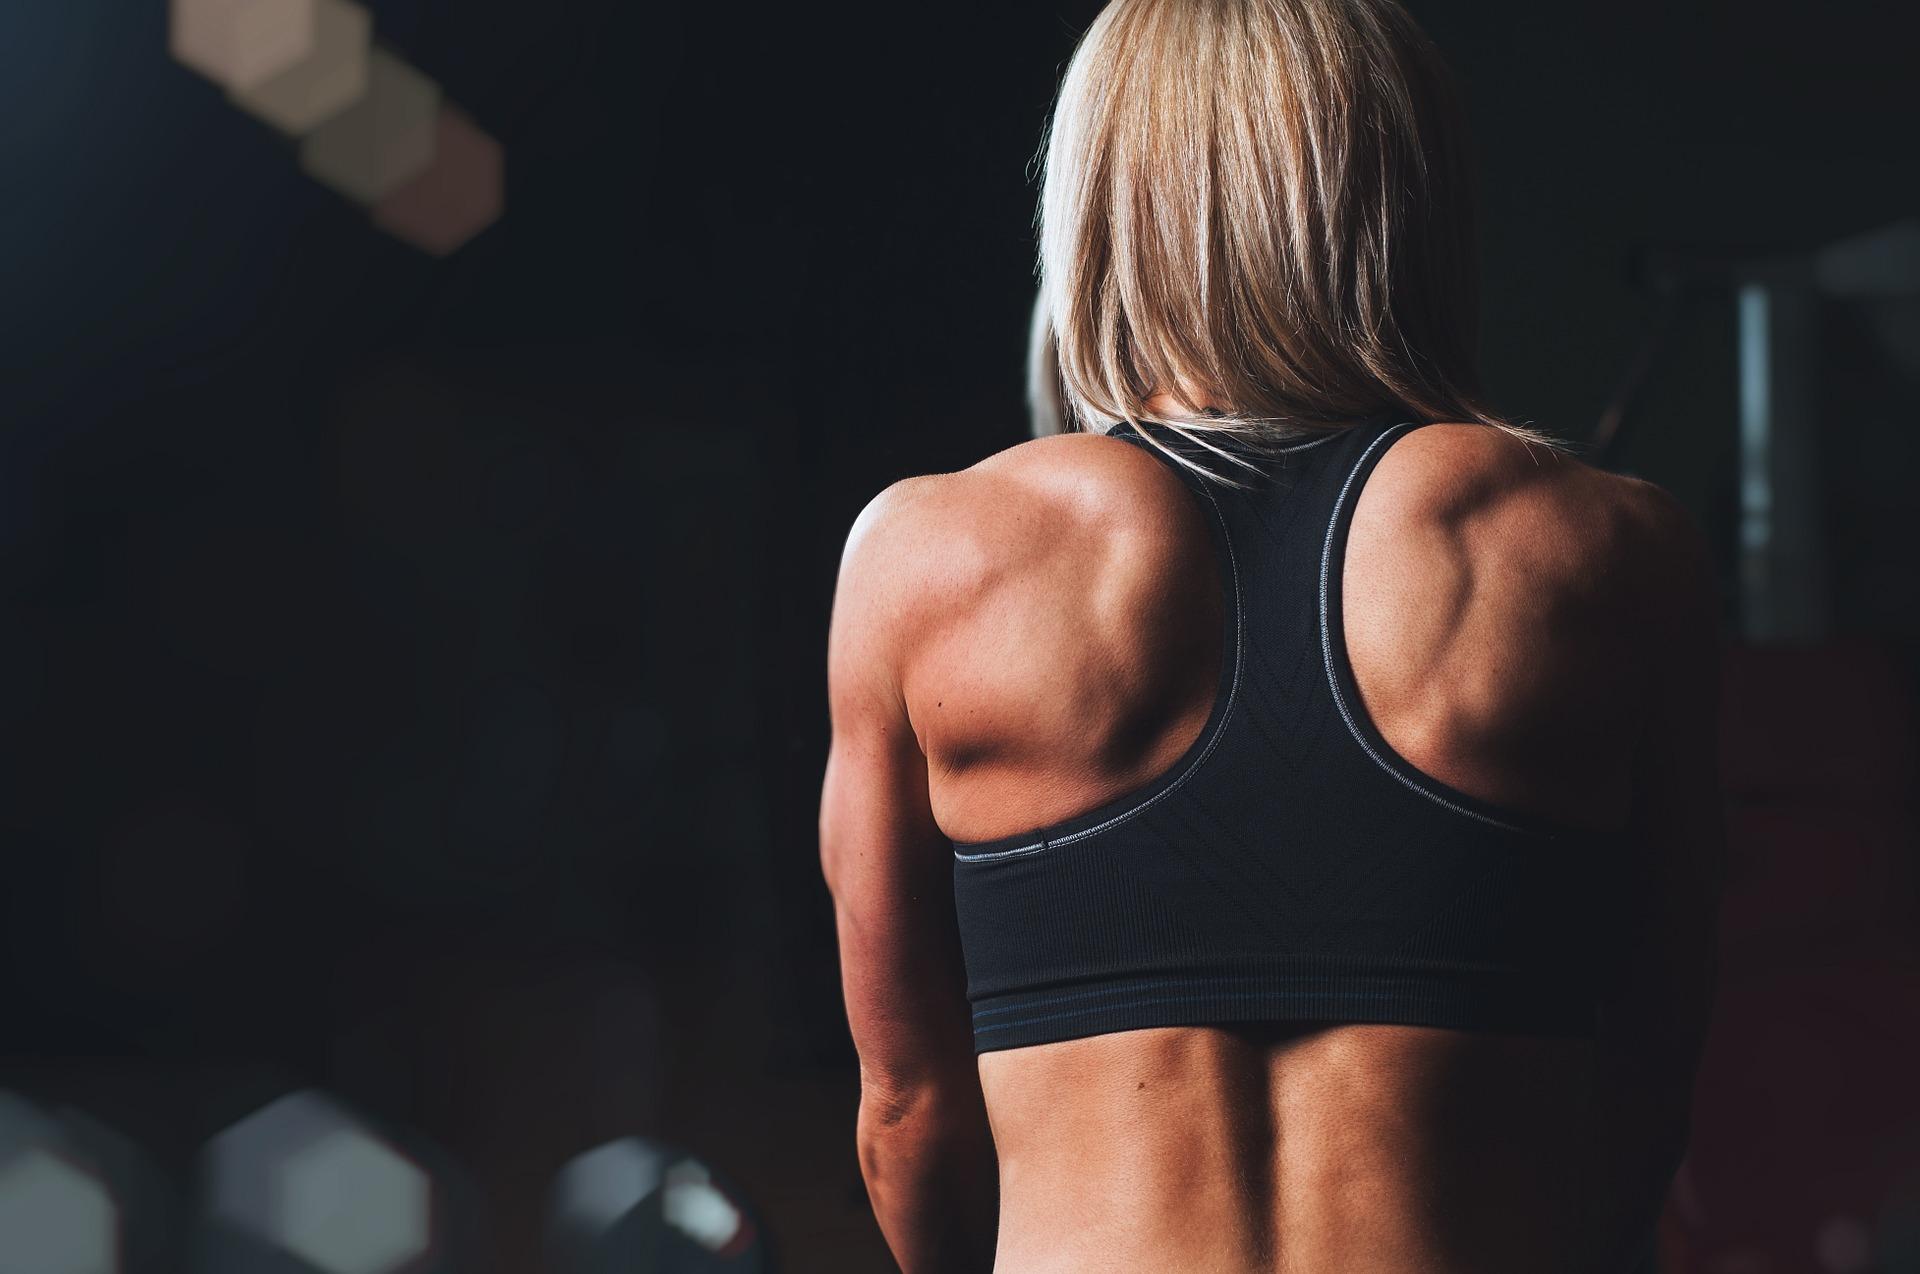 Як накачати спину будинку без заліза: техніка й вправи тренувань